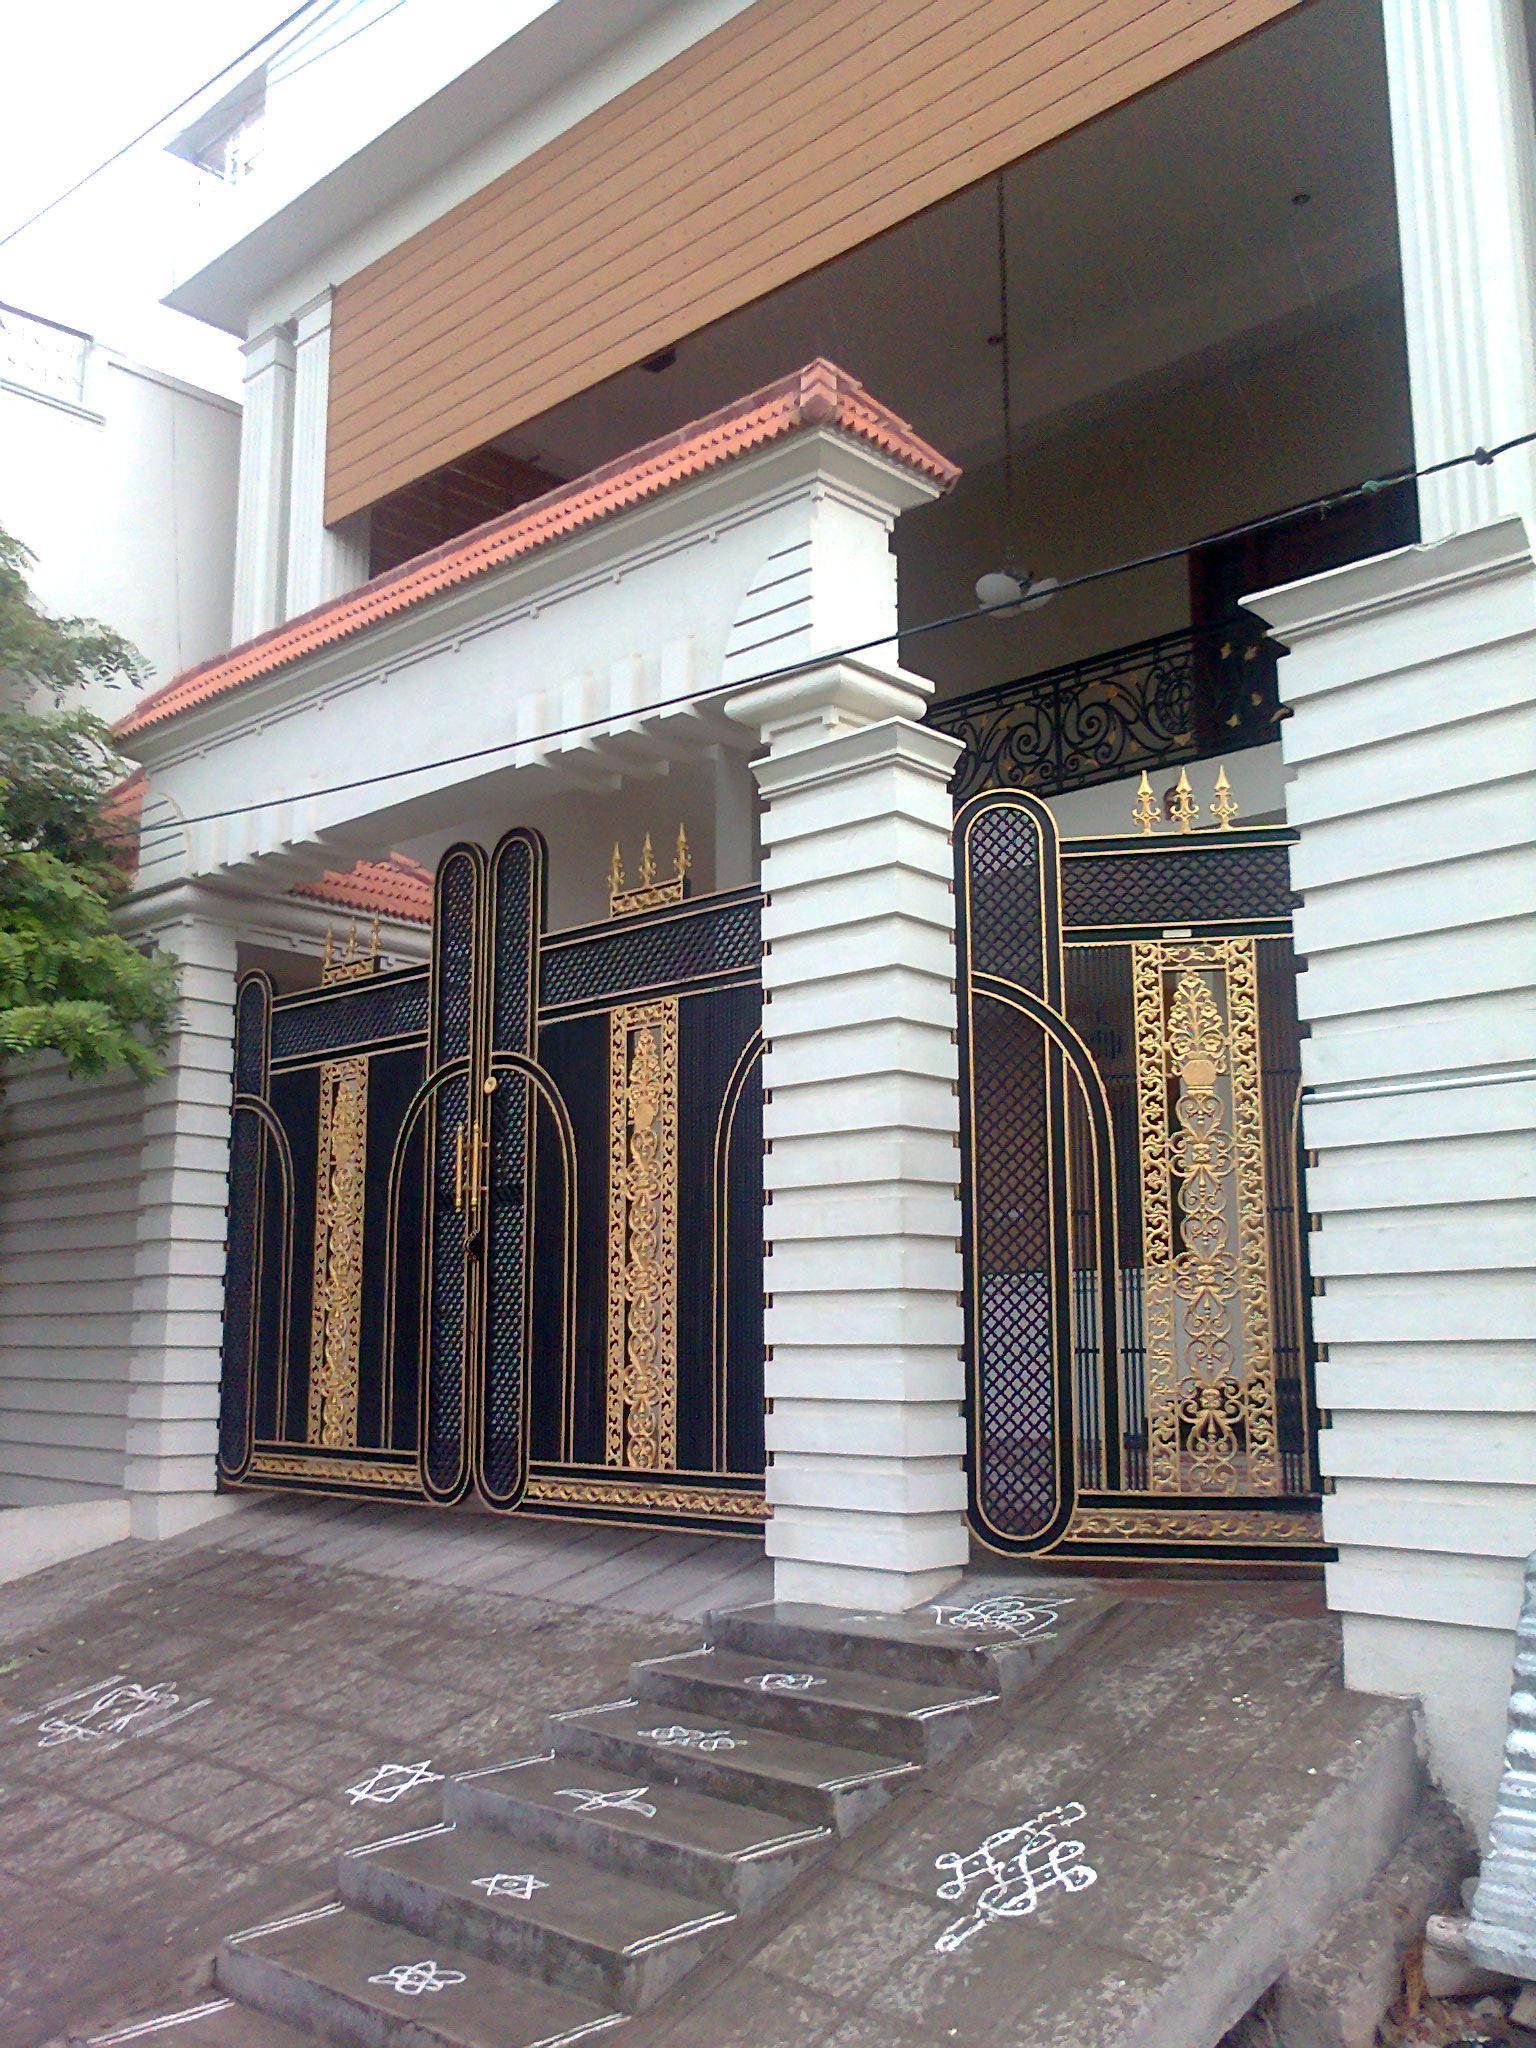 Entrance gate design for home